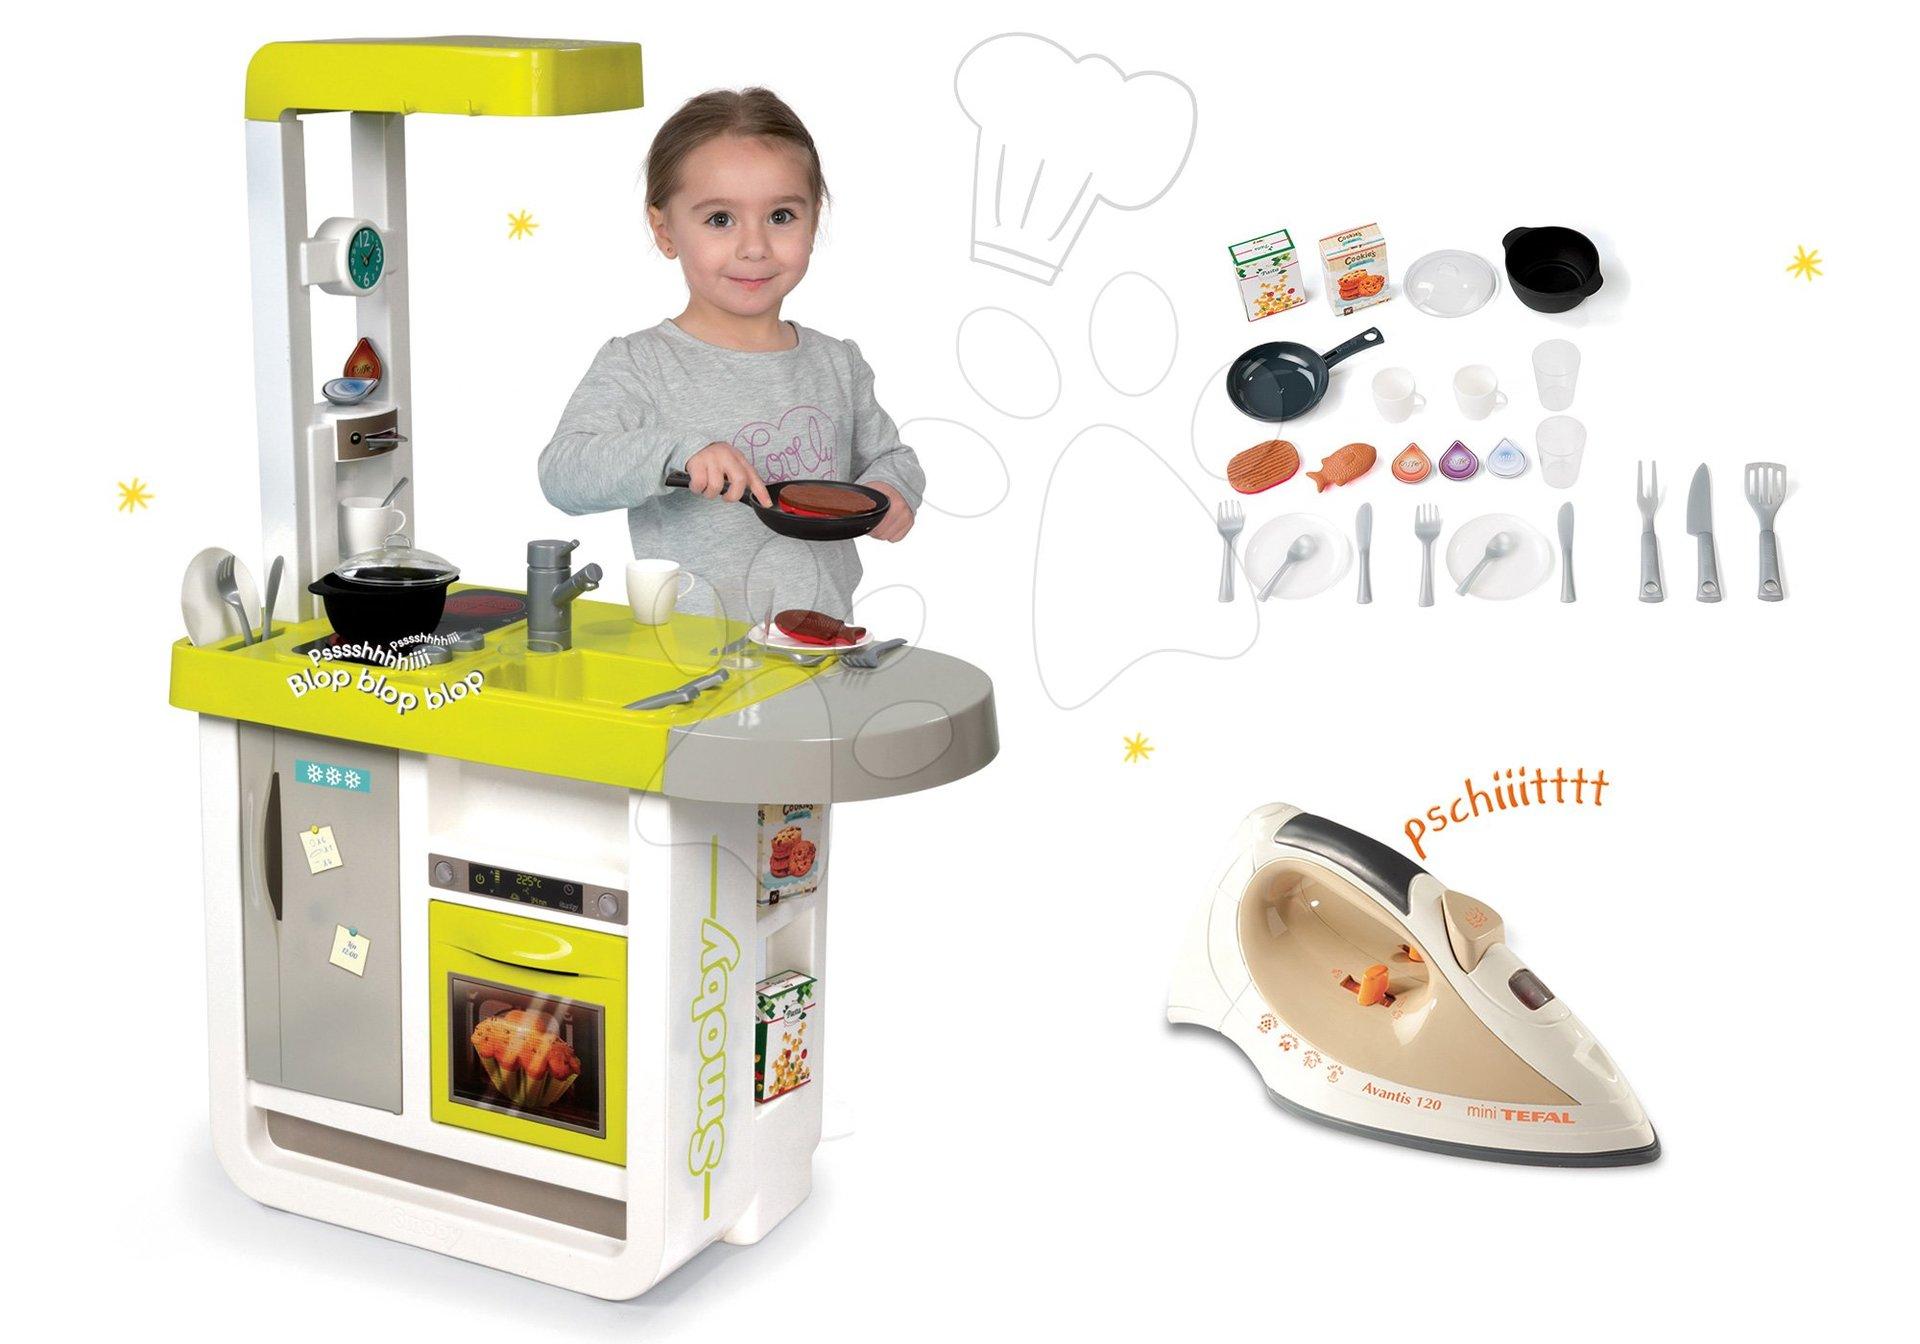 Smoby set detská kuchynka elektronická Cherry so zvukmi a žehlička so zvukom Tefal Avantis 310908-14